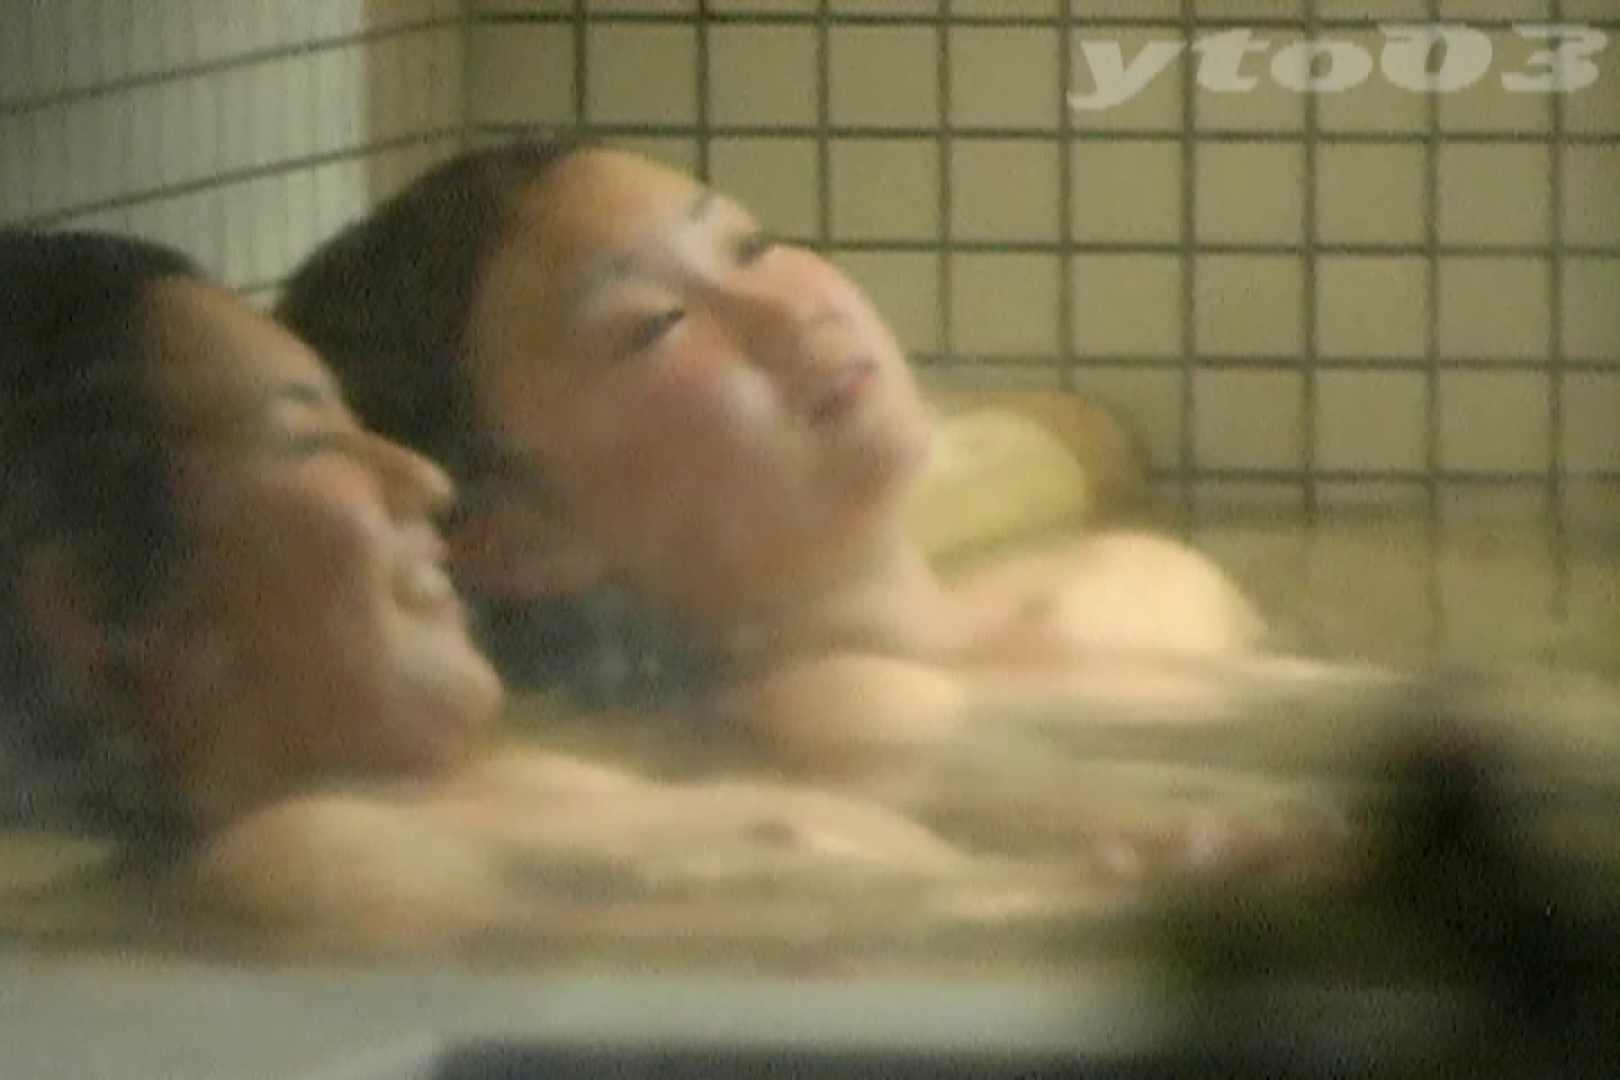 【期間限定配信】合宿ホテル女風呂盗撮 Vol.16 女湯 すけべAV動画紹介 85画像 52